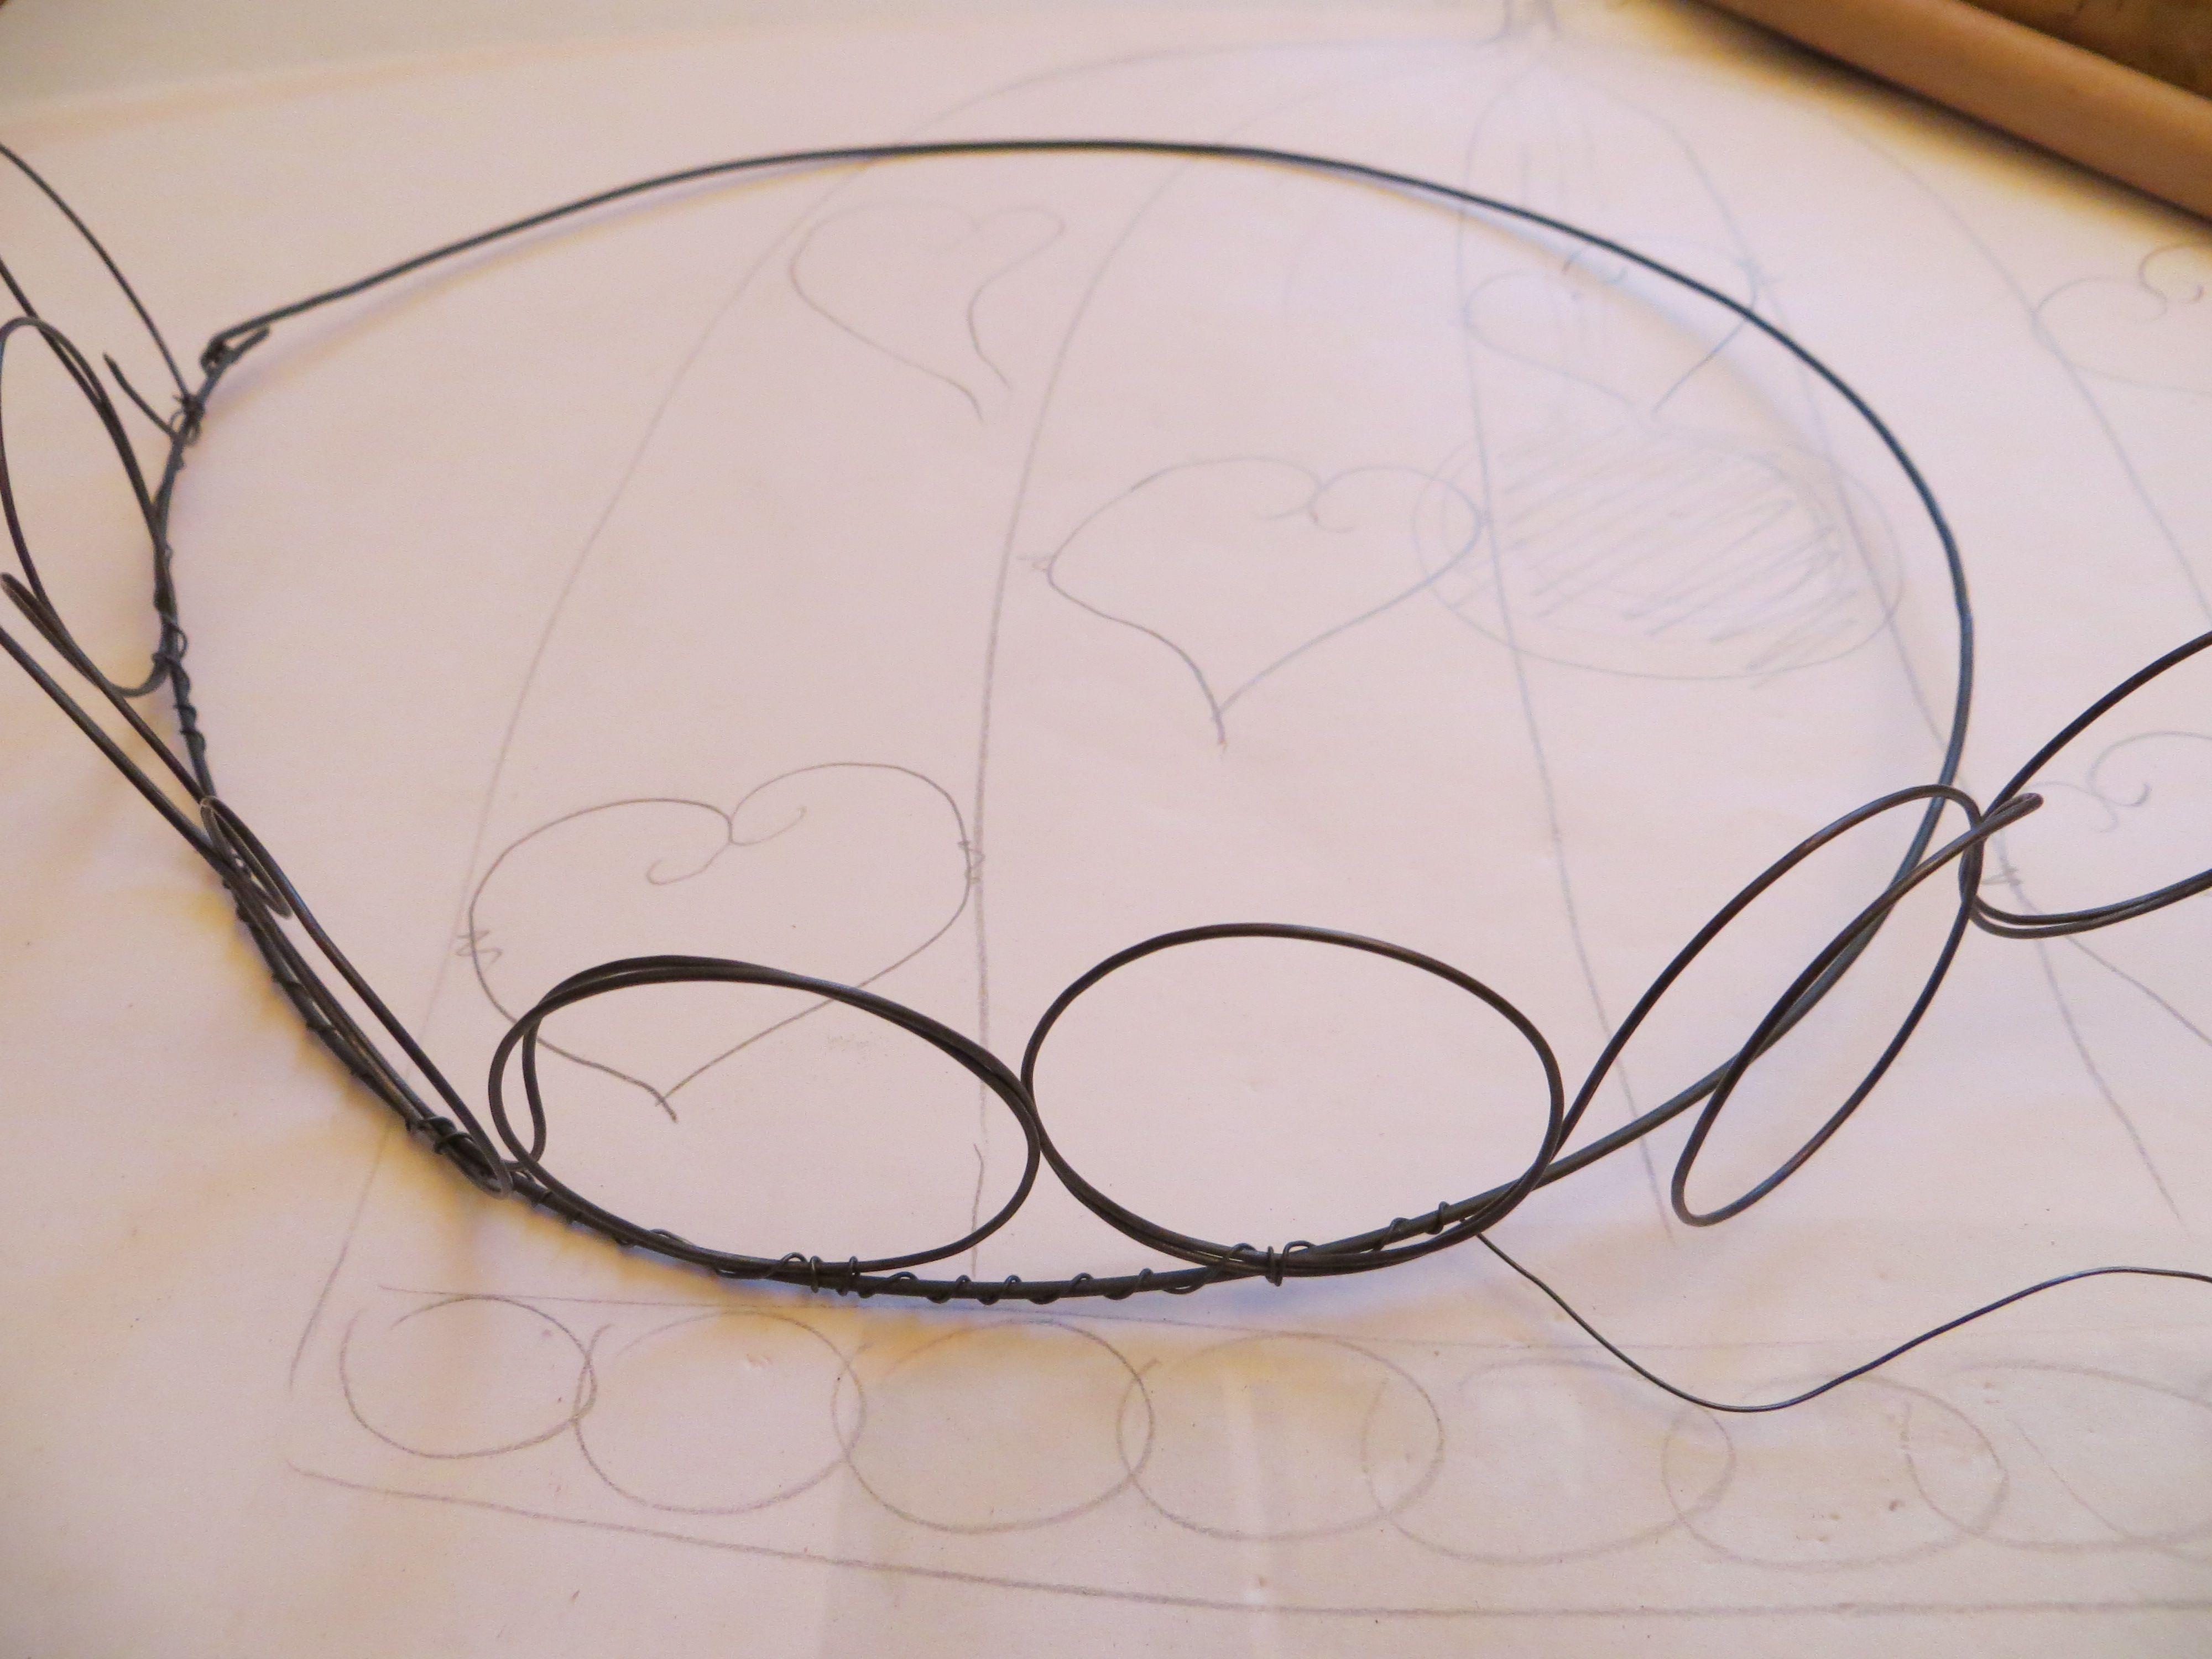 Fabriquer Carcasse Abat Jour fabriquer un abat jour en fil de fer | fabriquer un abat